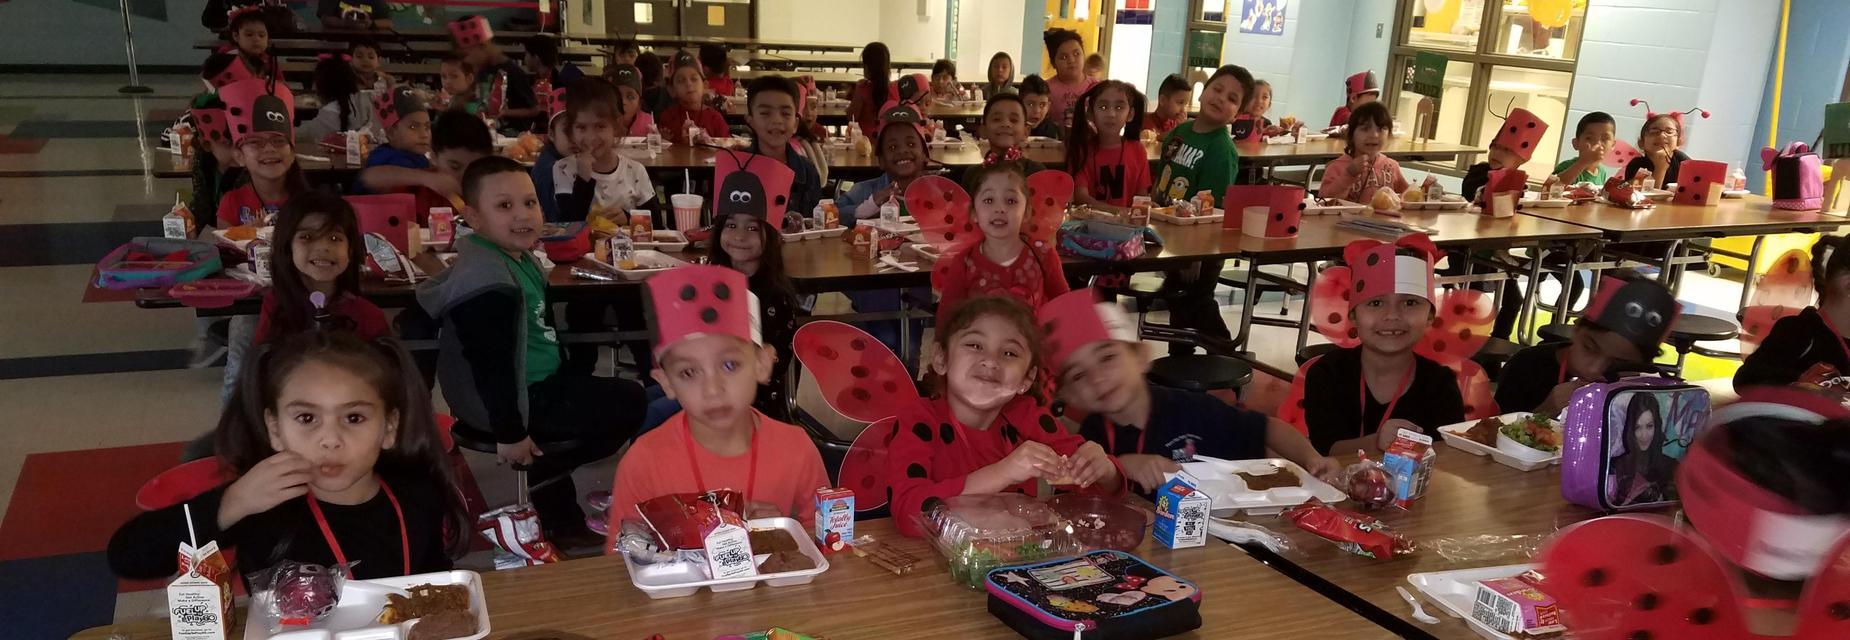 Kinder kids dress up as lady bugs